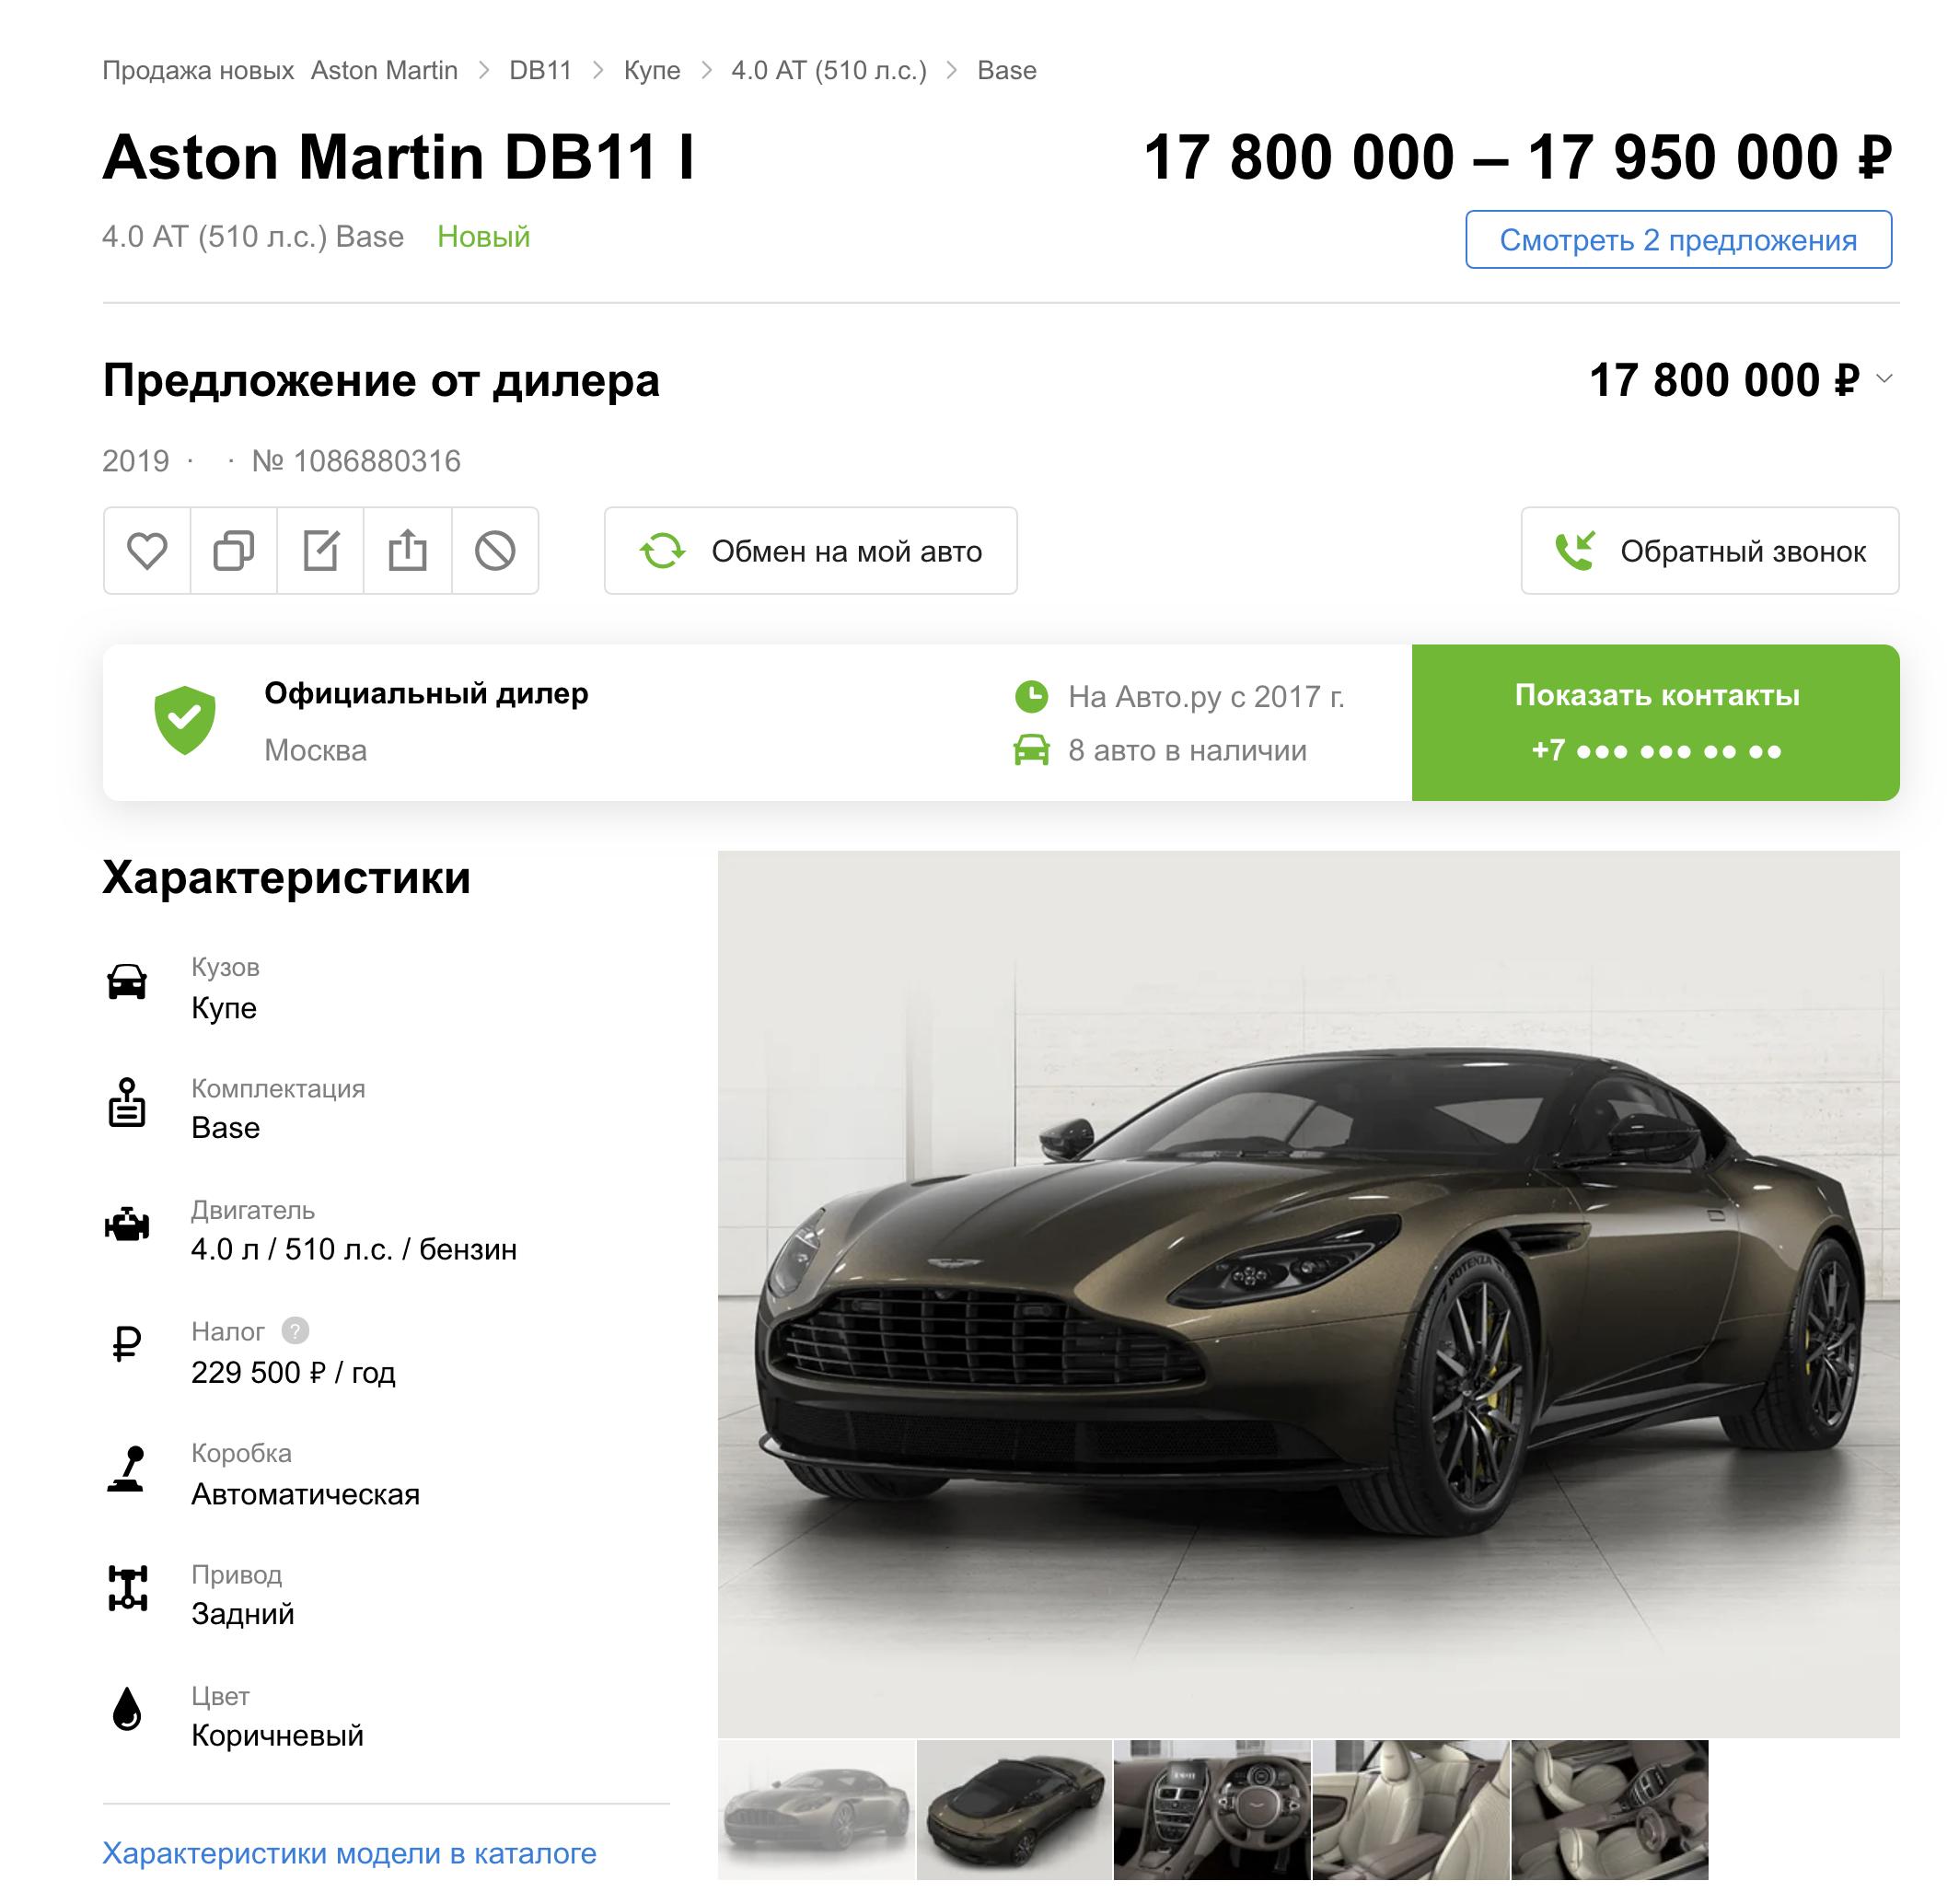 Cкрин © Auto.ru